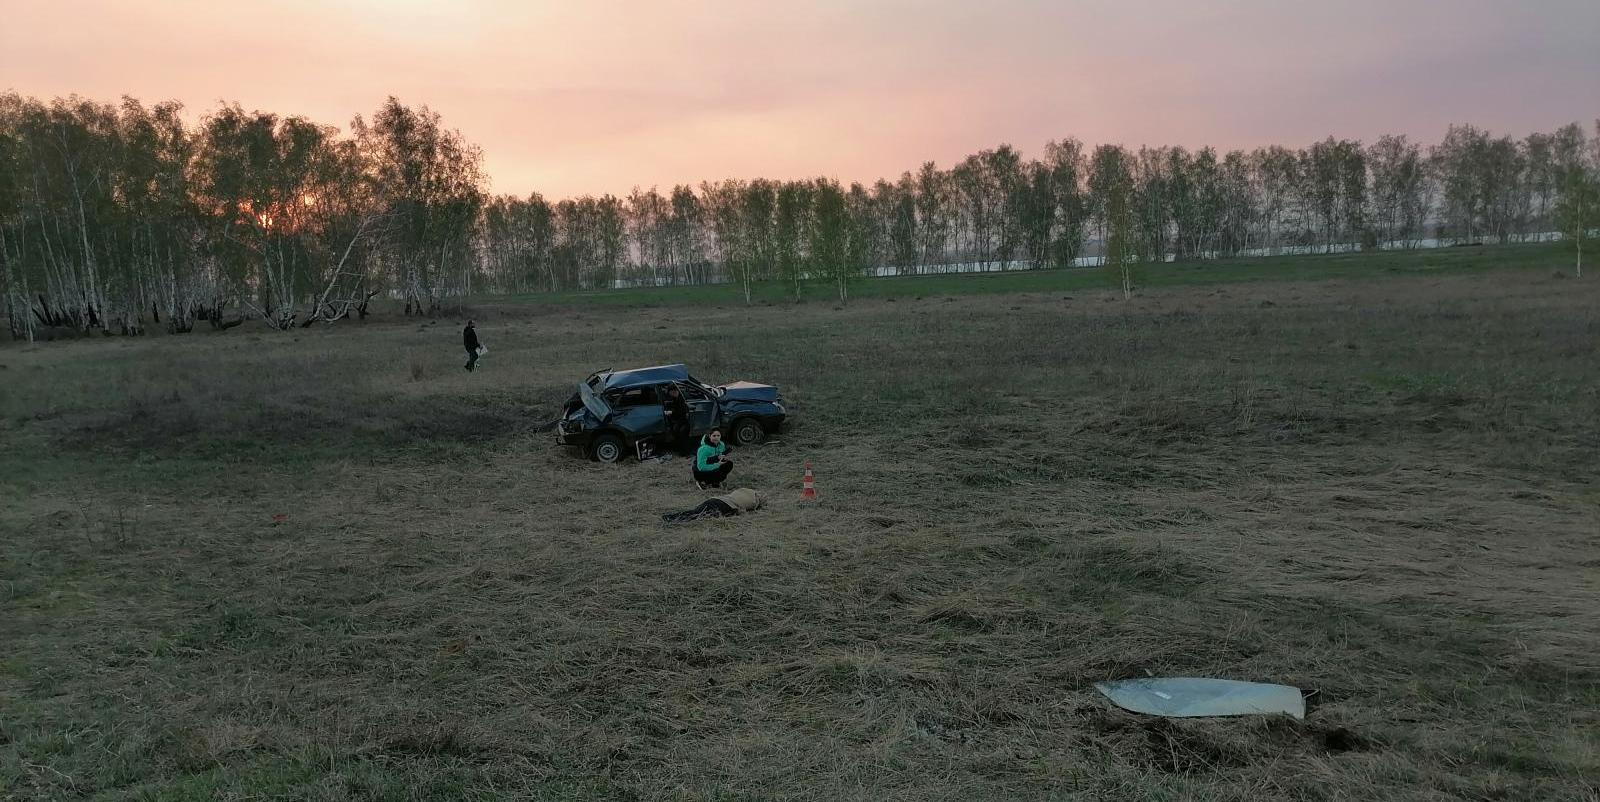 фото «Придётся учиться жить без мамы»: многодетная семья на «девятке» попала в автокатастрофу под Новосибирском 3